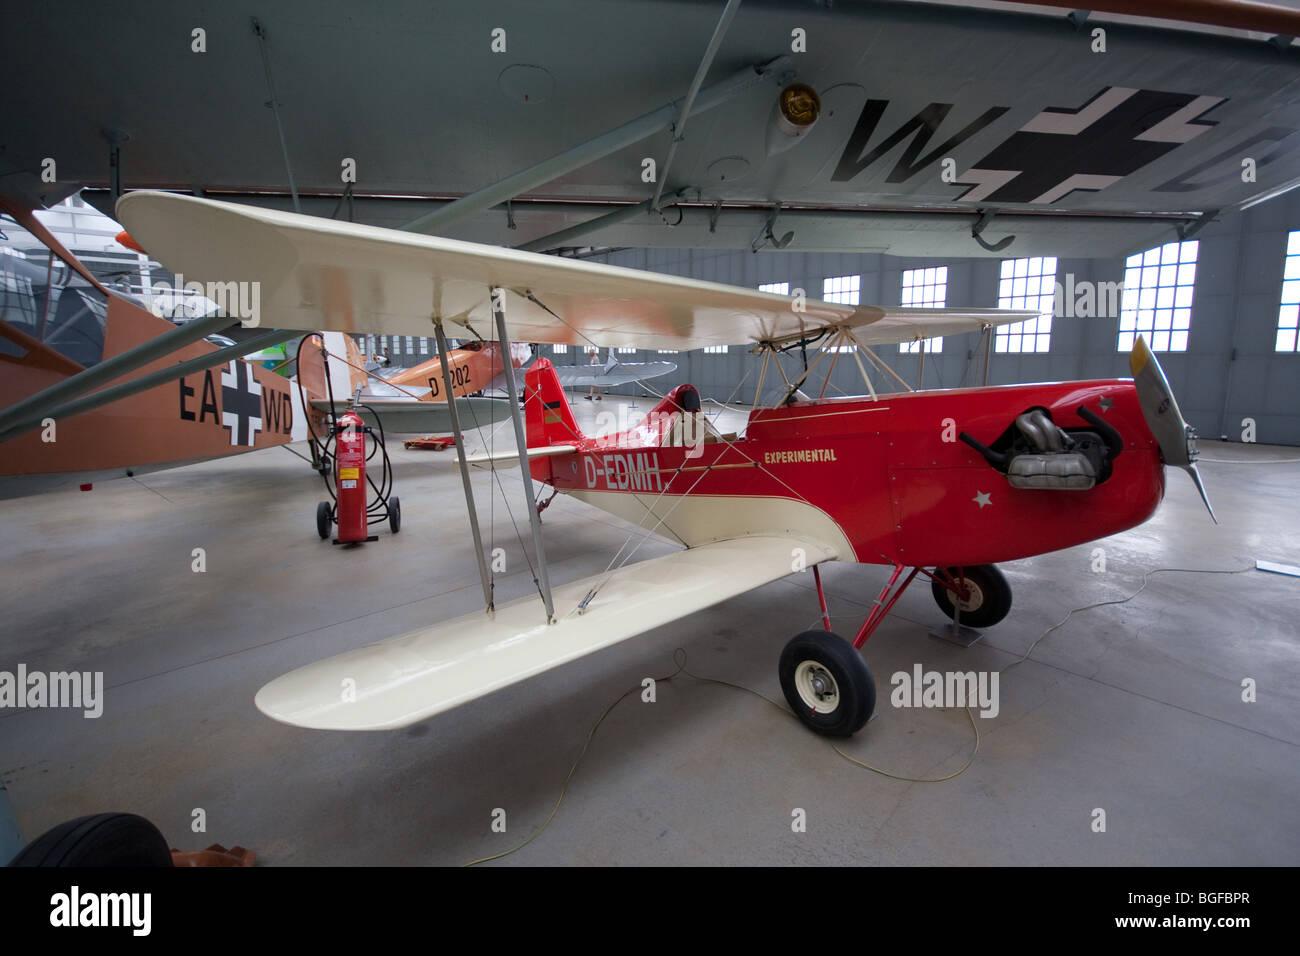 Aviation Museum in Deutsches Museum: Oberschleissheim Airfield - Bavaria, Germany - Stock Image